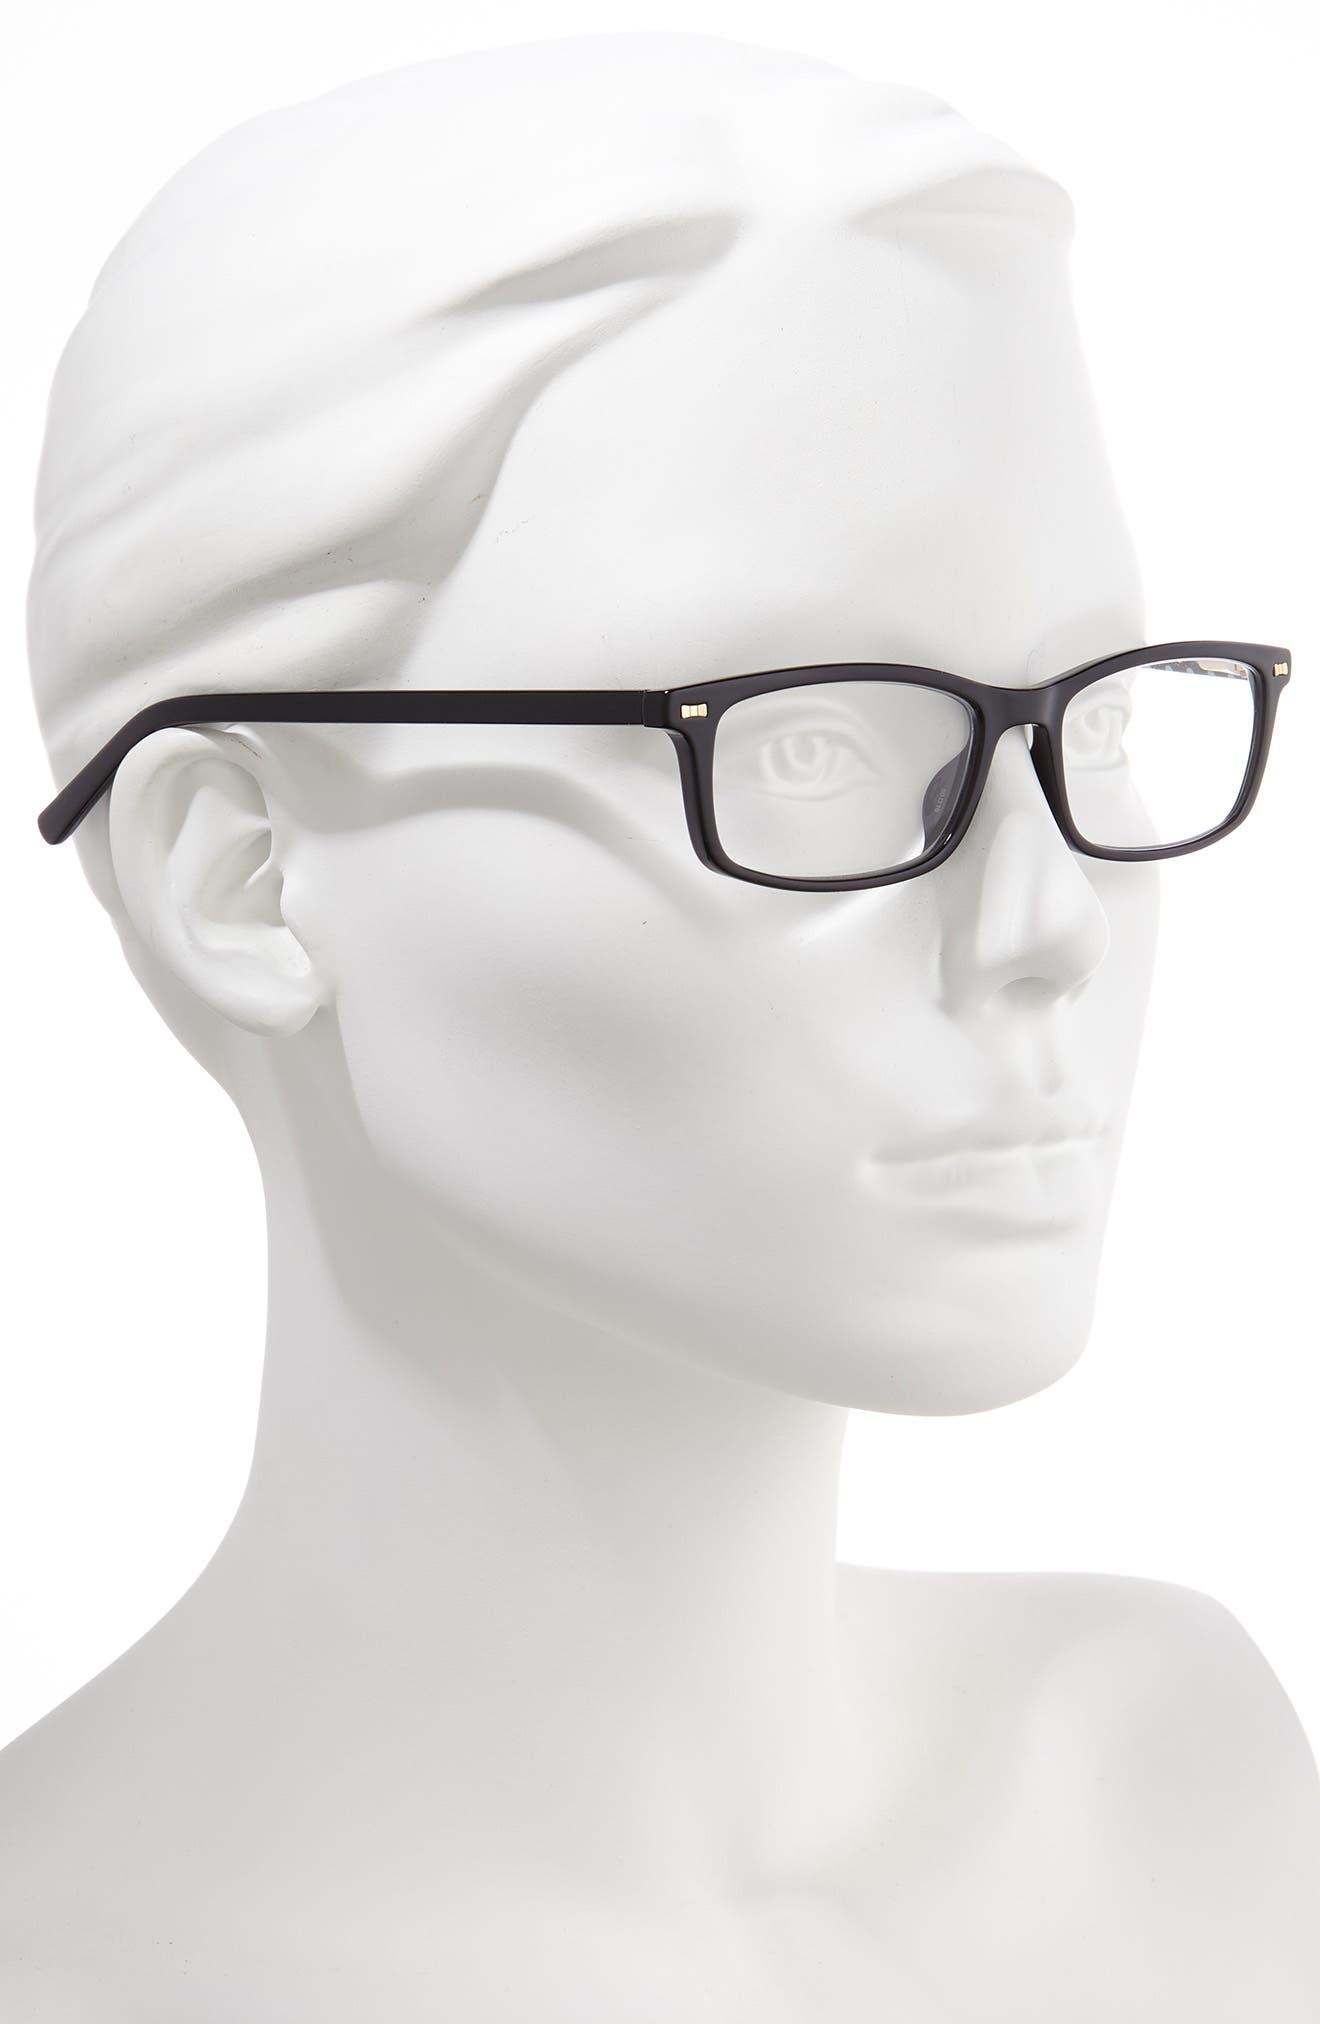 KATE SPADE NEW YORK, jodie 50mm rectangular reading glasses, Alternate thumbnail 2, color, BLACK POLKA DOT